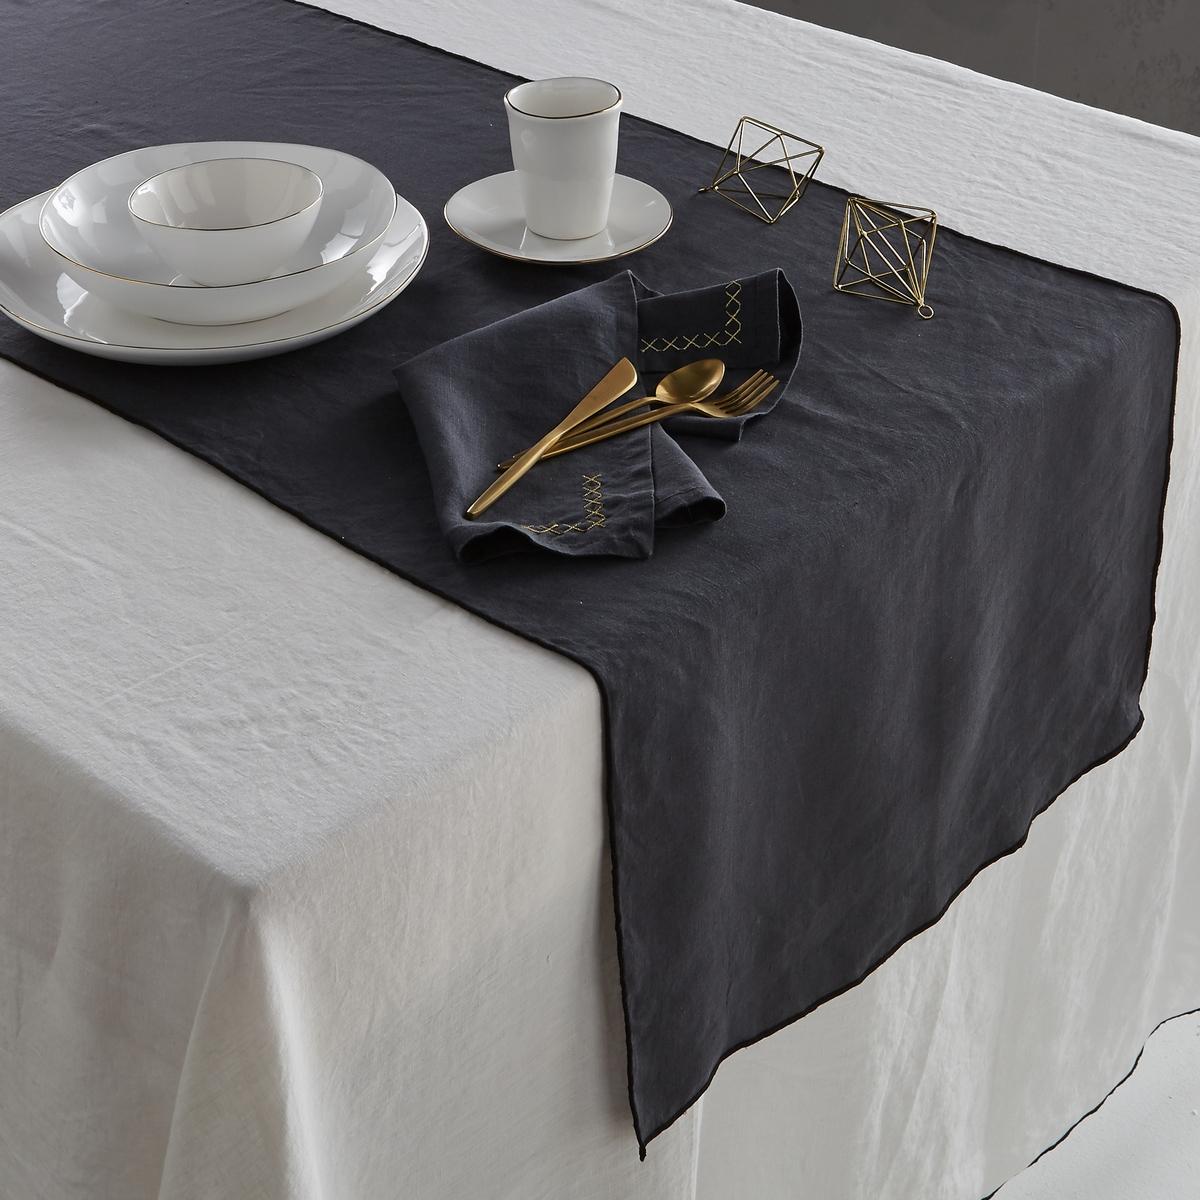 Дорожка столовая из стиранного льна, TarakaДорожка столовая Taraka из 100% стиранного льна. Сочетает естественную мягкость льна и роскошную отделку черного цвета . Скатерть, полотенца и подложки под столовые приборы продаются на нашем сайте .Состав : - 100% лен.Размер : - Размер 1 : ширина 50 x длина 150 см- Размер 2 : ширина 50 x длина 200 см Знак Oeko-Tex® гарантирует, что товары протестированы и сертифицированы, не содержат вредных веществ, которые могли бы нанести вред здоровью.<br><br>Цвет: антрацит,белый<br>Размер: 50 x 150  см.50 x 200  см.50 x 150  см